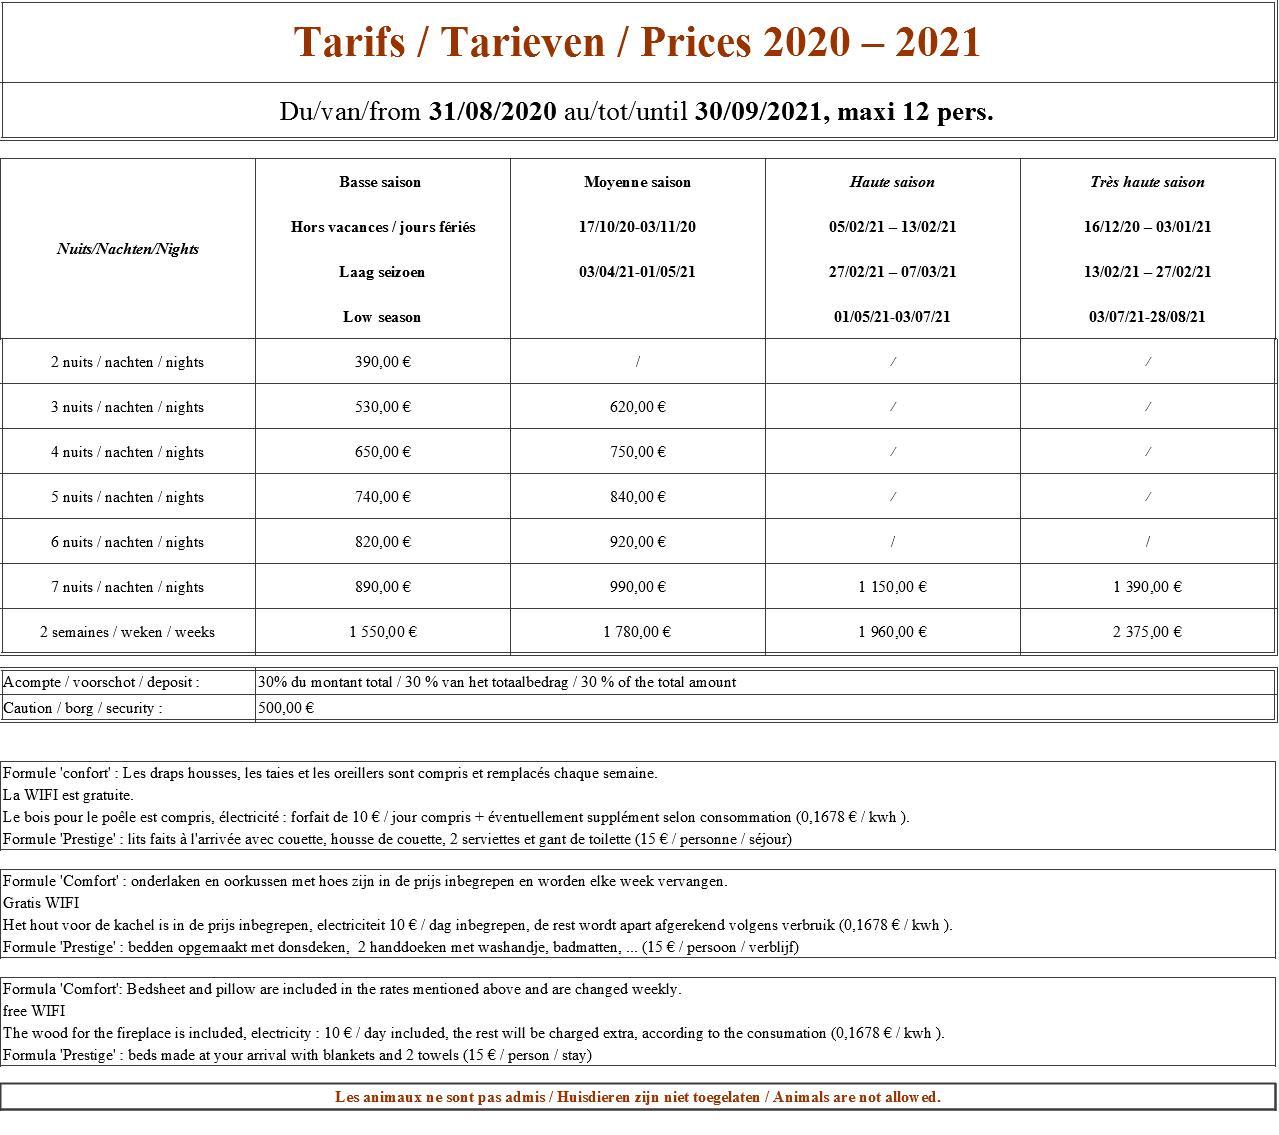 Le tableau des tarifs du gîte